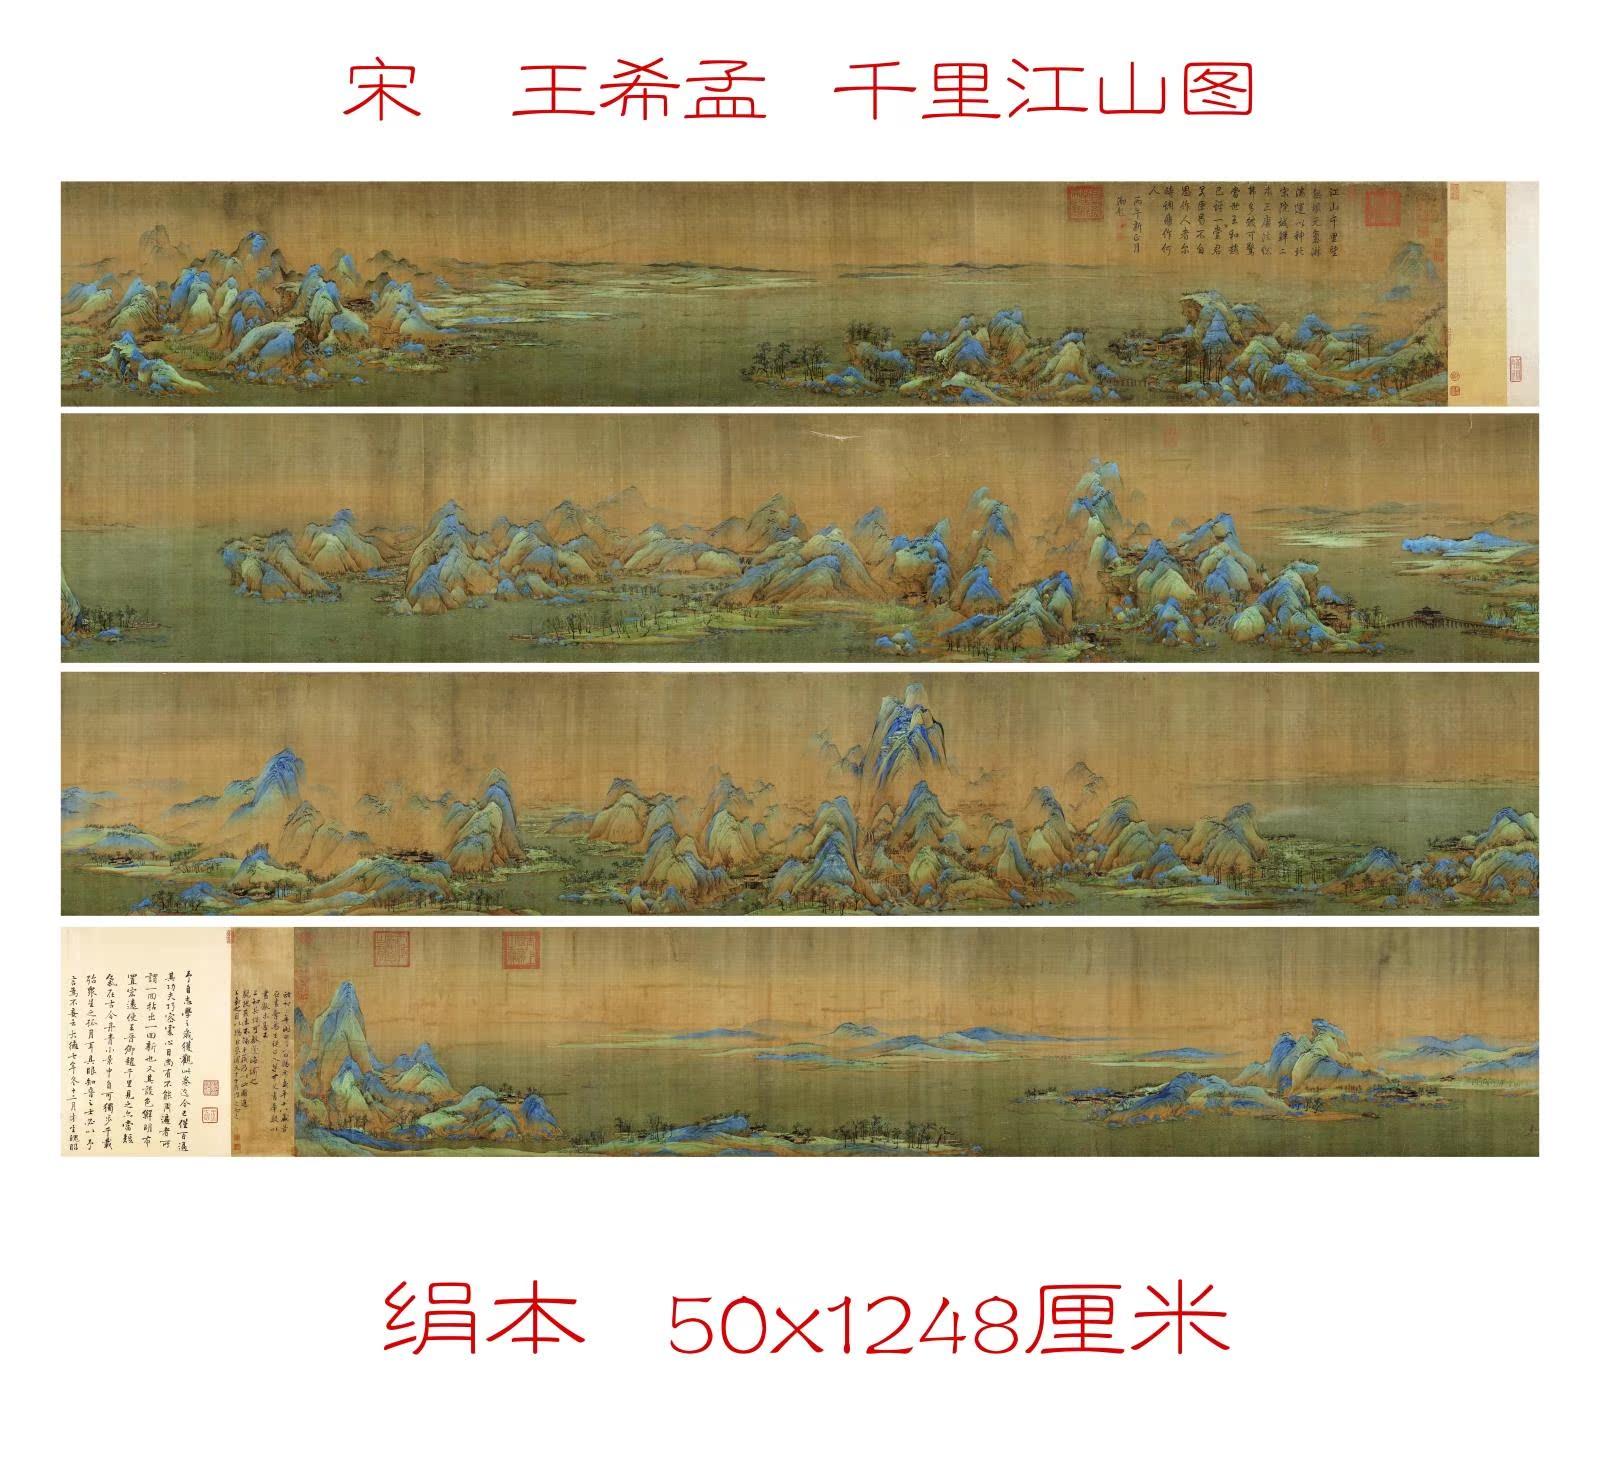 厘米50x1248千里江山圖王希孟南宋絹本心畫復制仿古畫